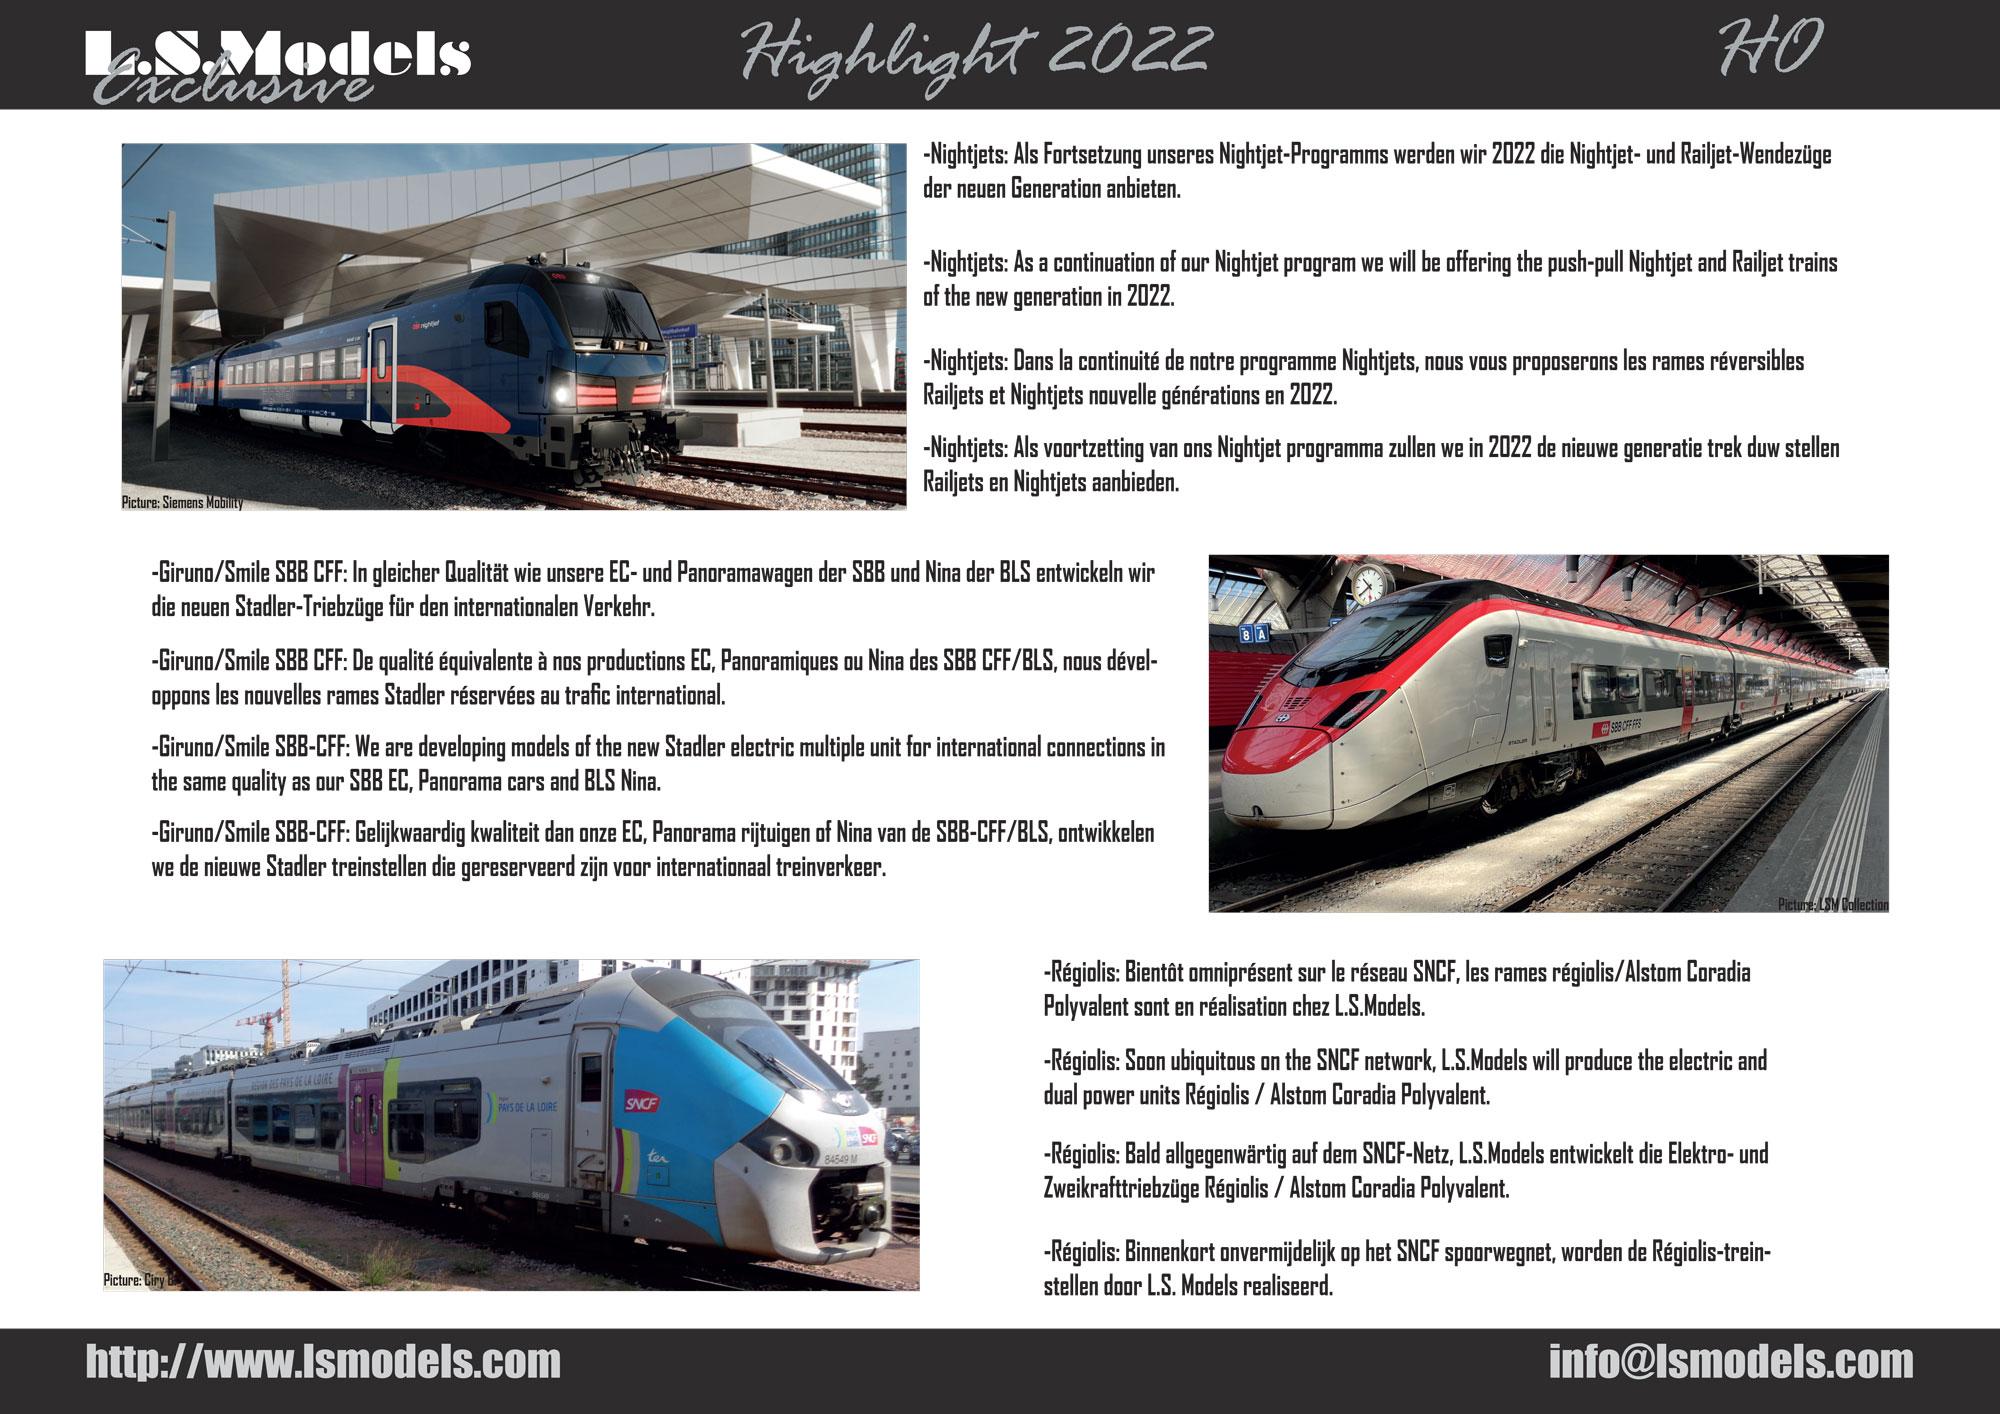 LS Models - Highlights 2022